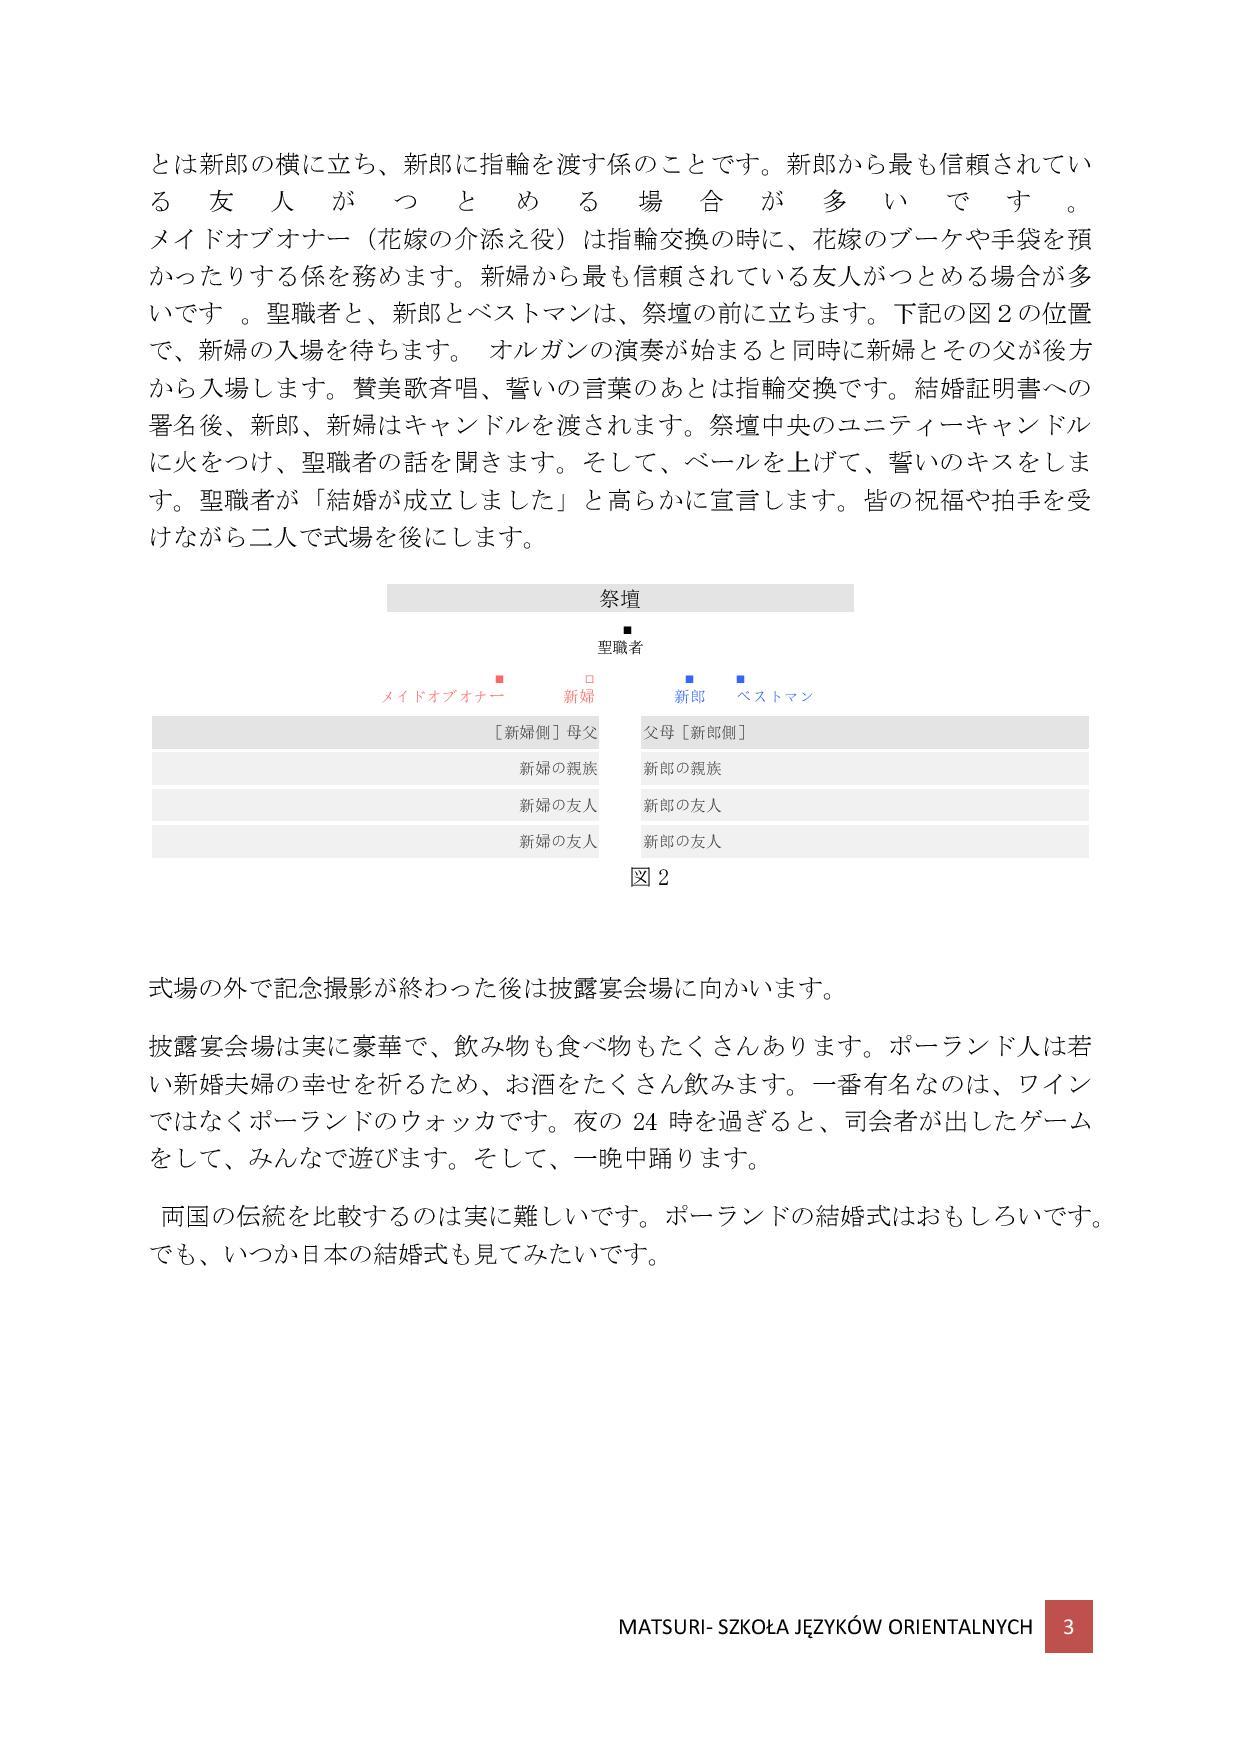 日本とポーランドの結婚式・披露宴 (POZIOM DLA ZAAWANSOWANYCH)-page-003